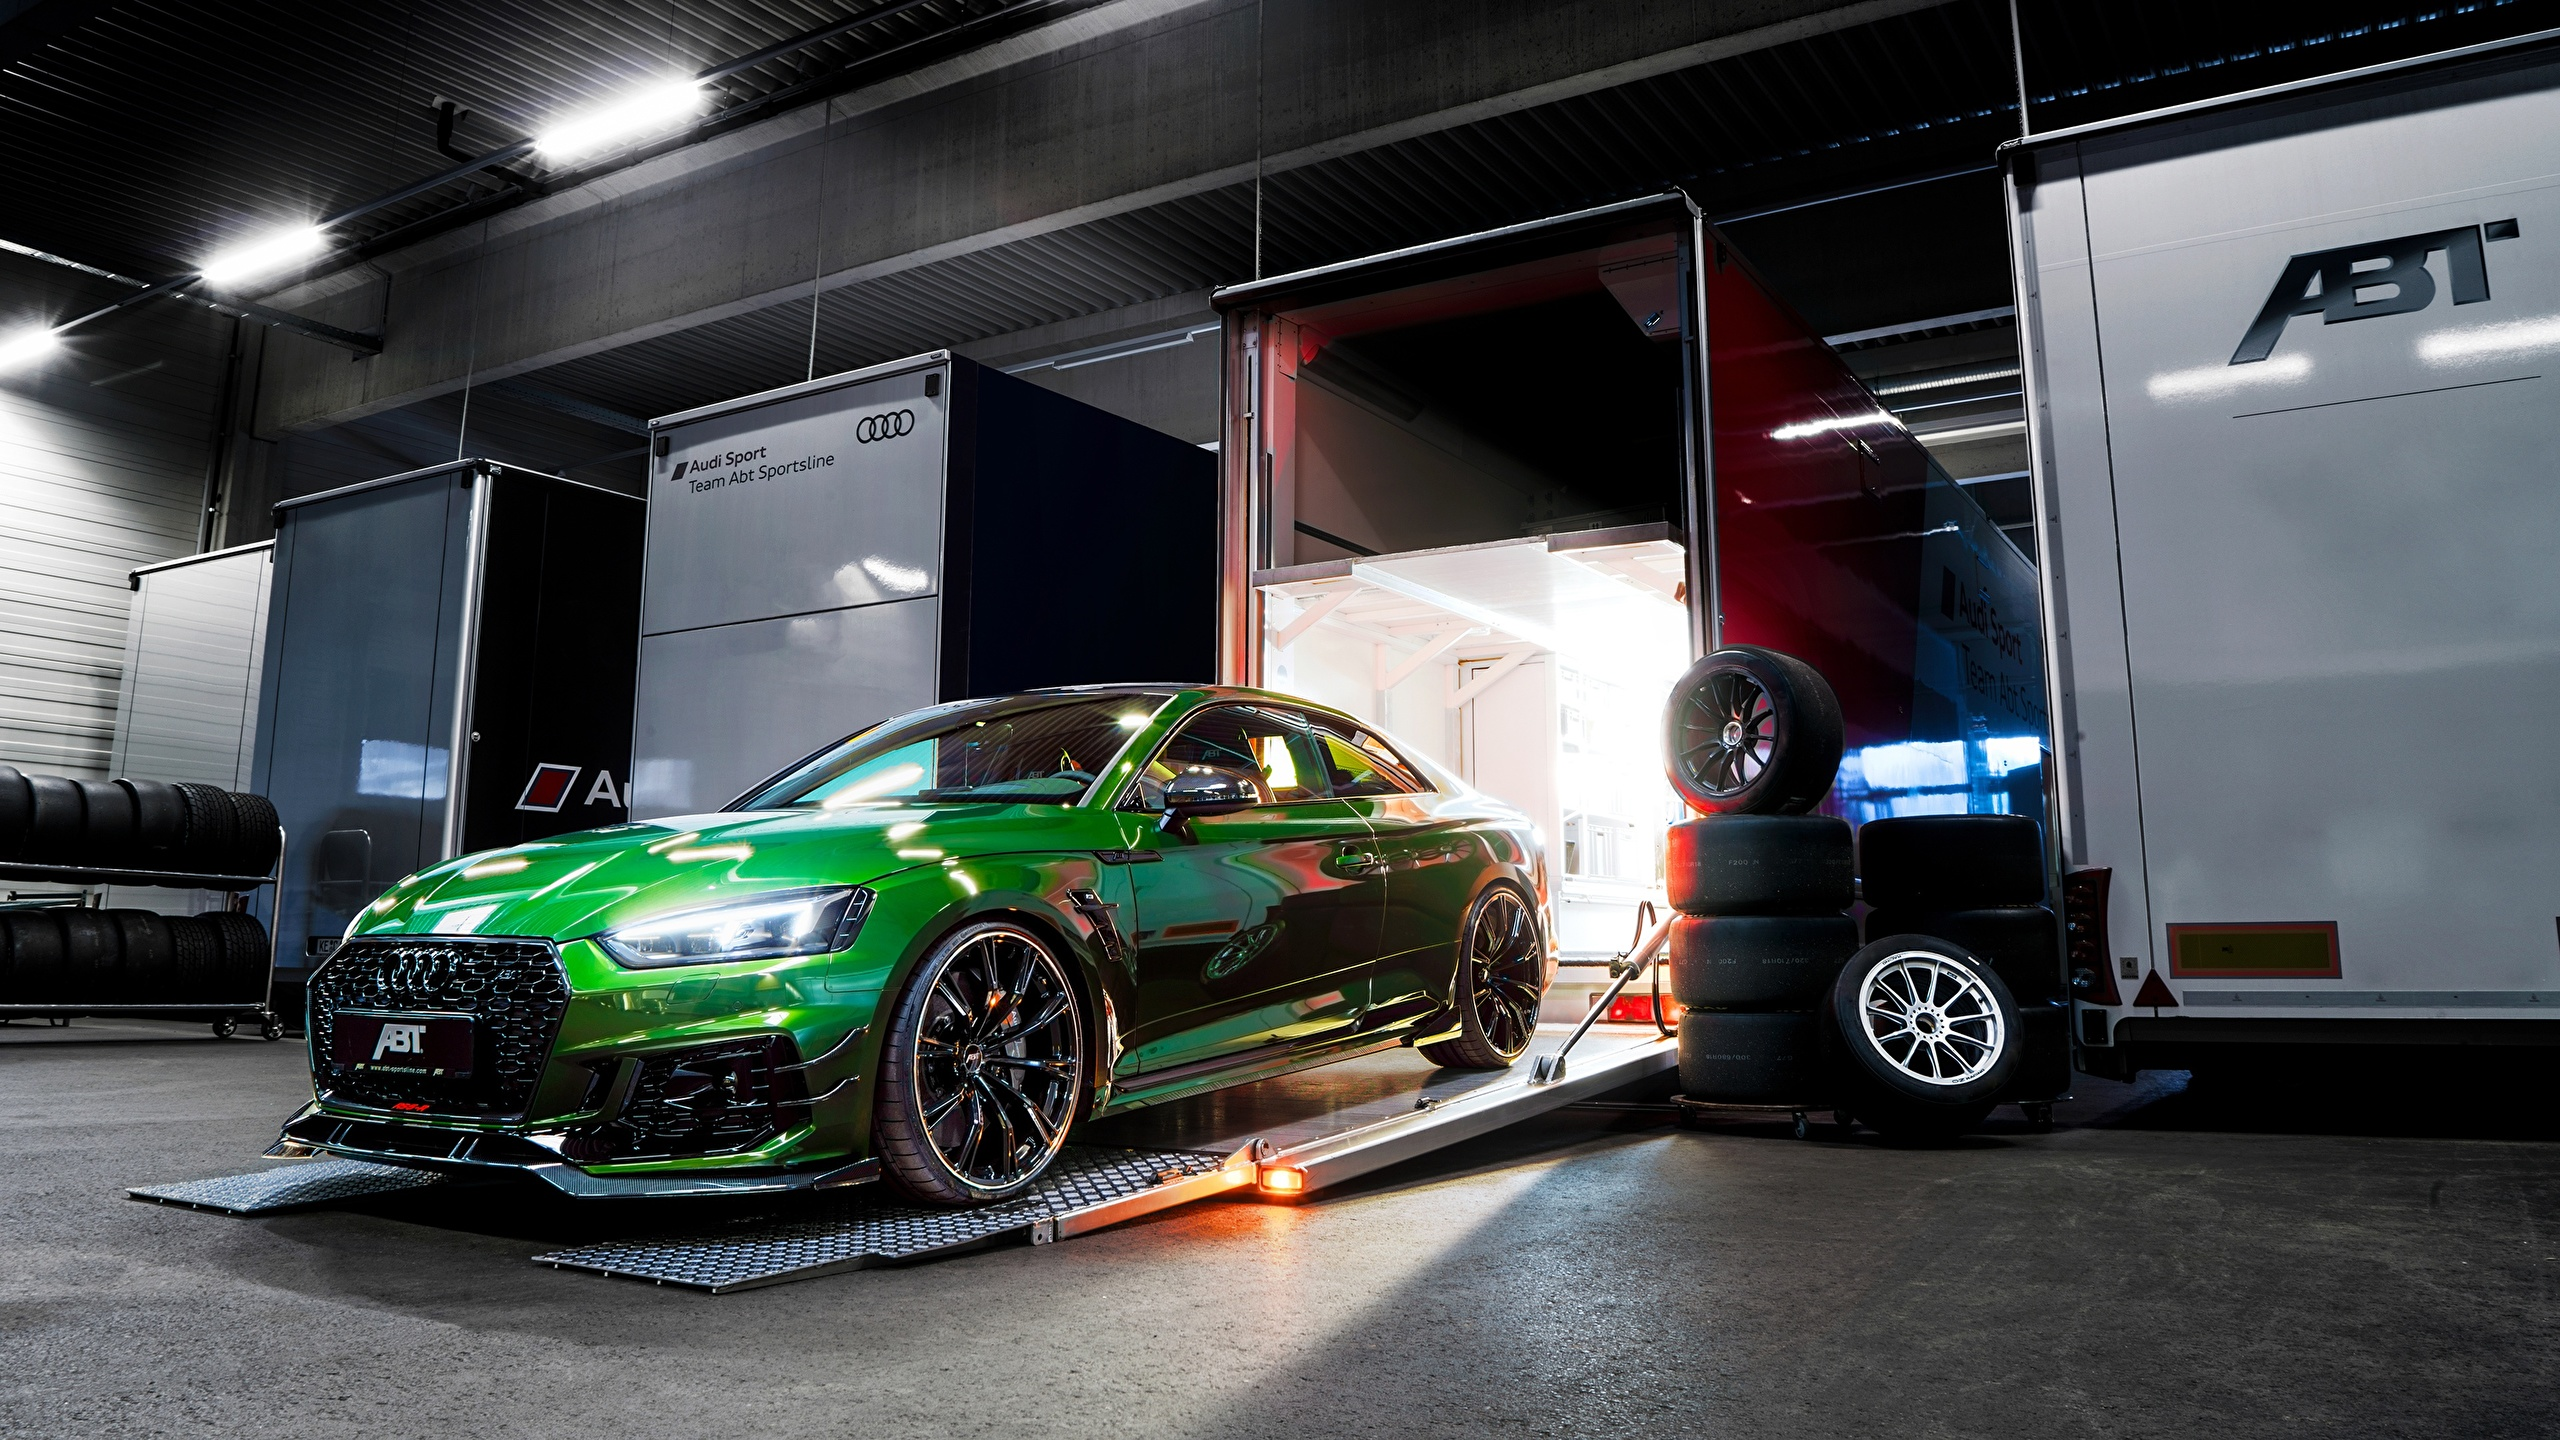 Fondos De Pantalla 2560x1440 Audi Rs5 2018 Rs5 R Abt Verde